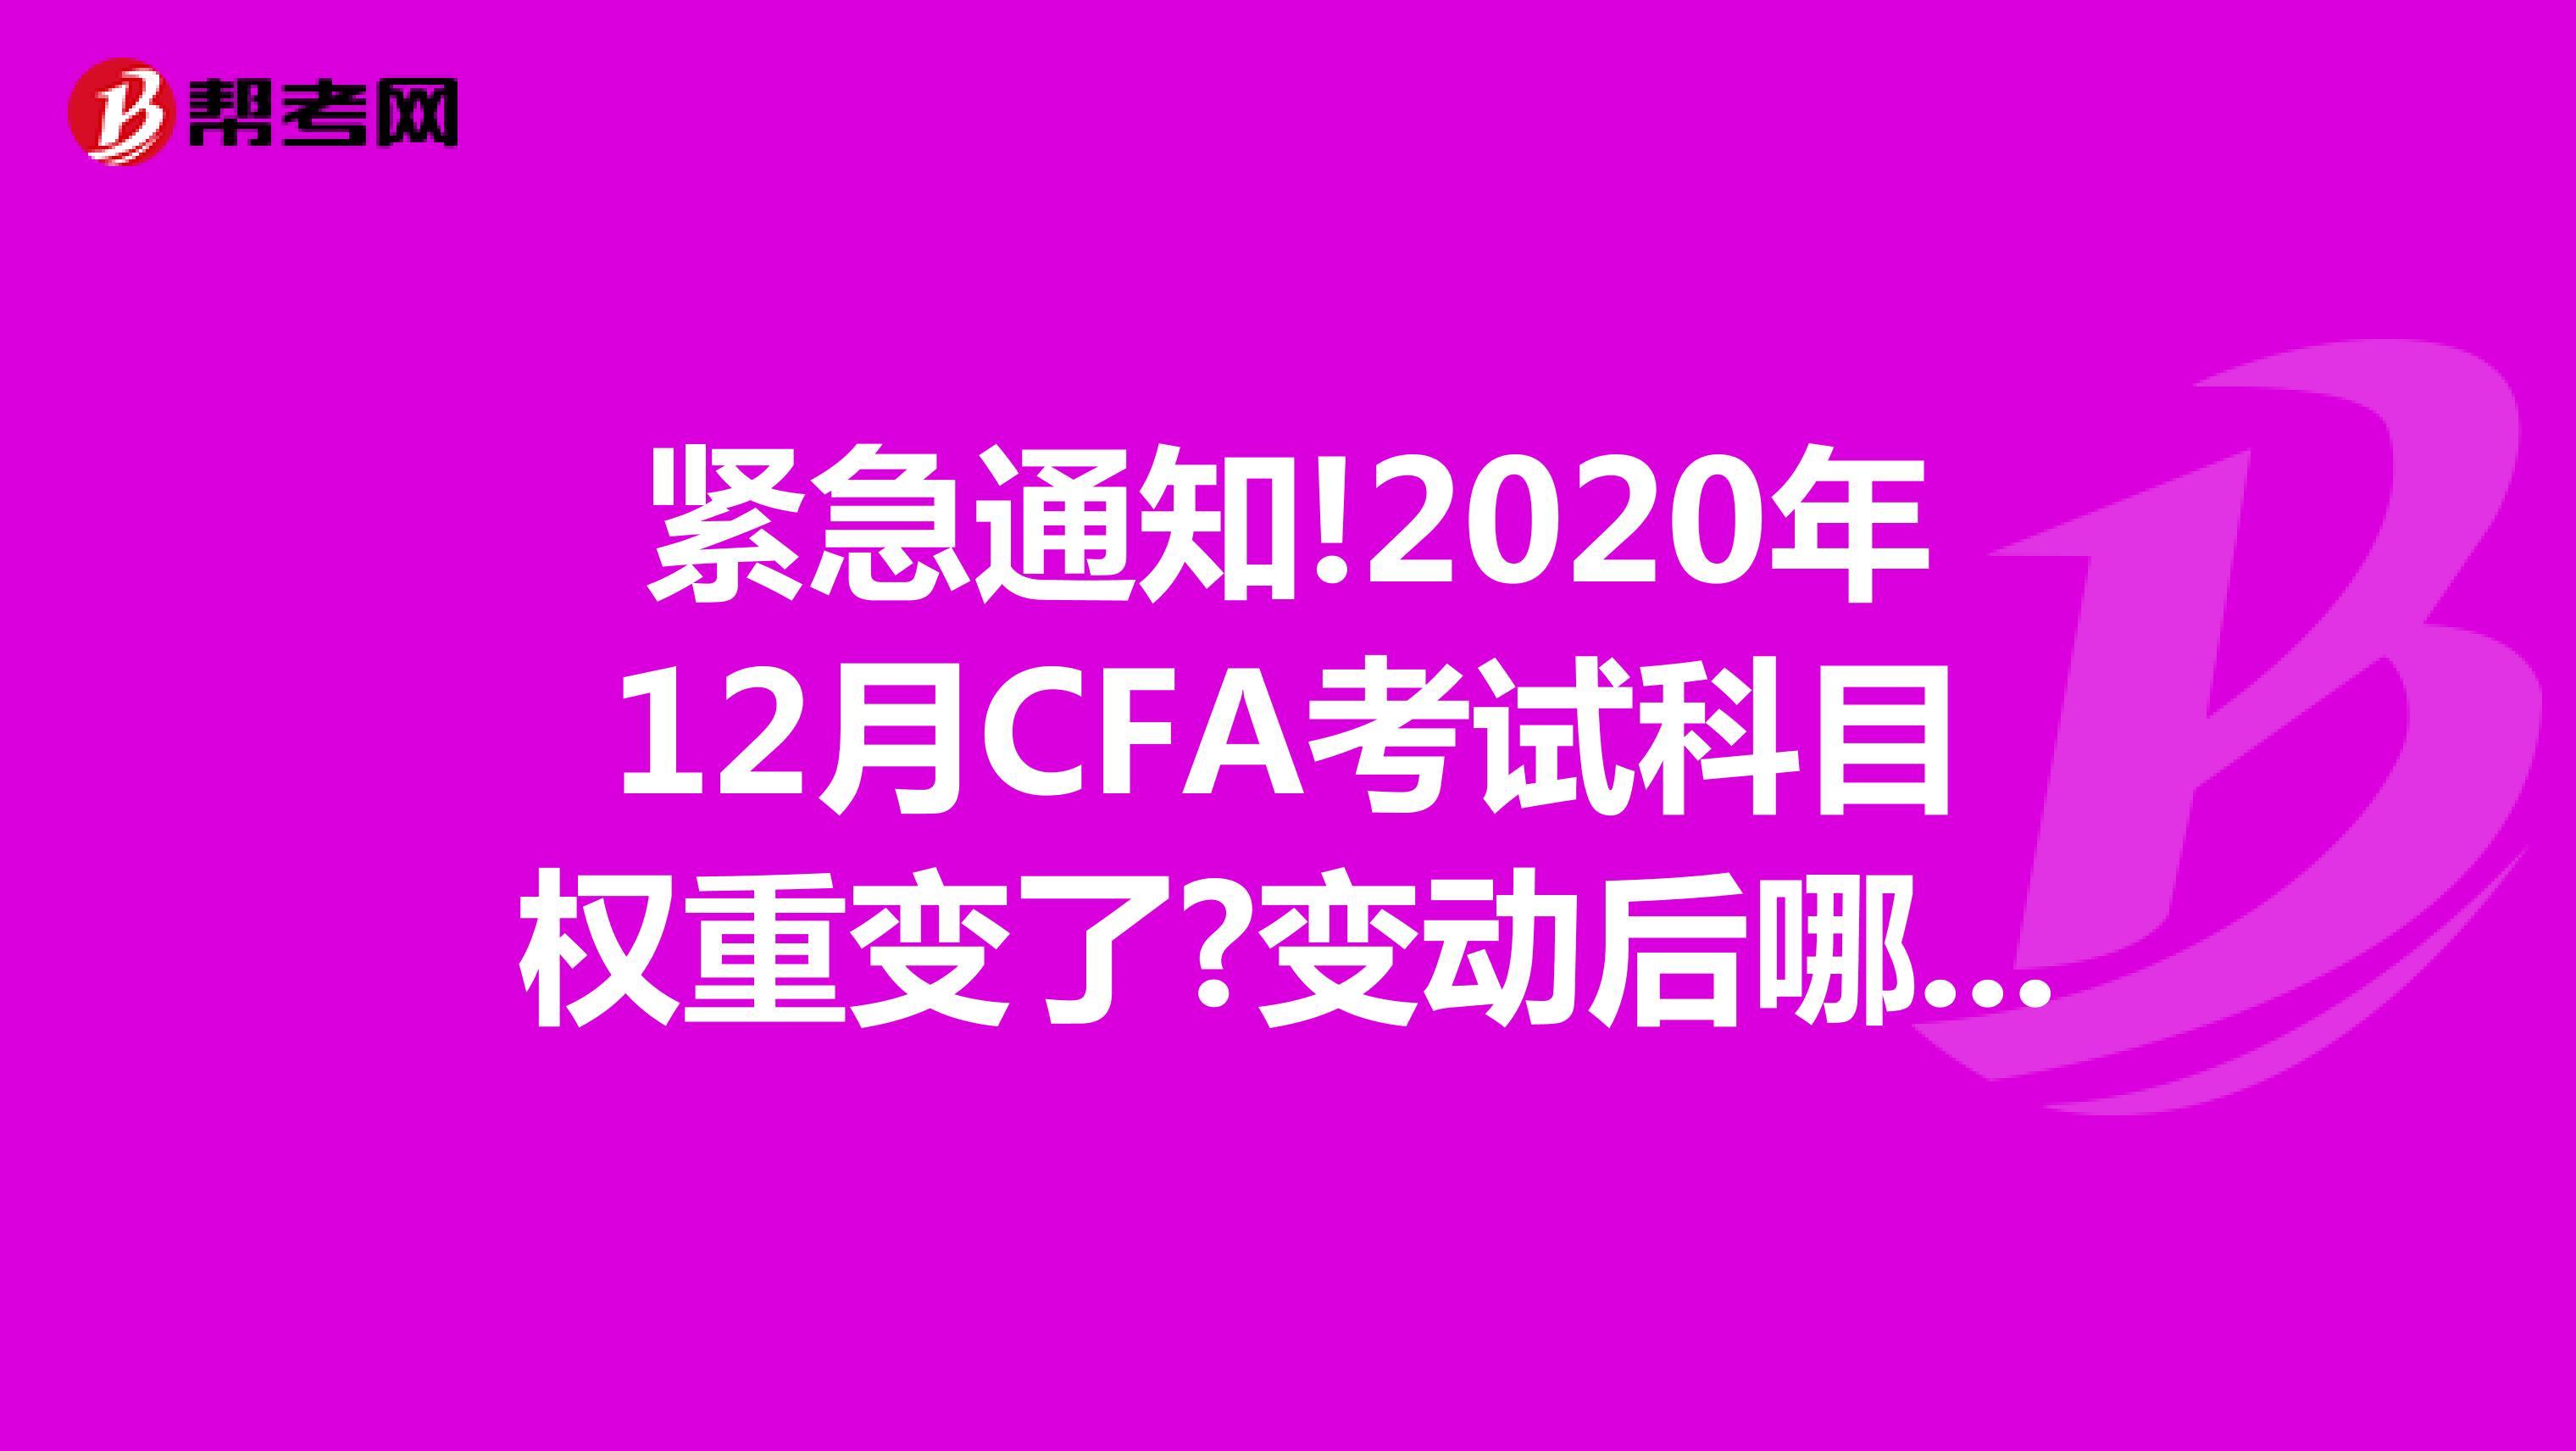 紧急通知!2020年12月CFA考试科目权重变了?